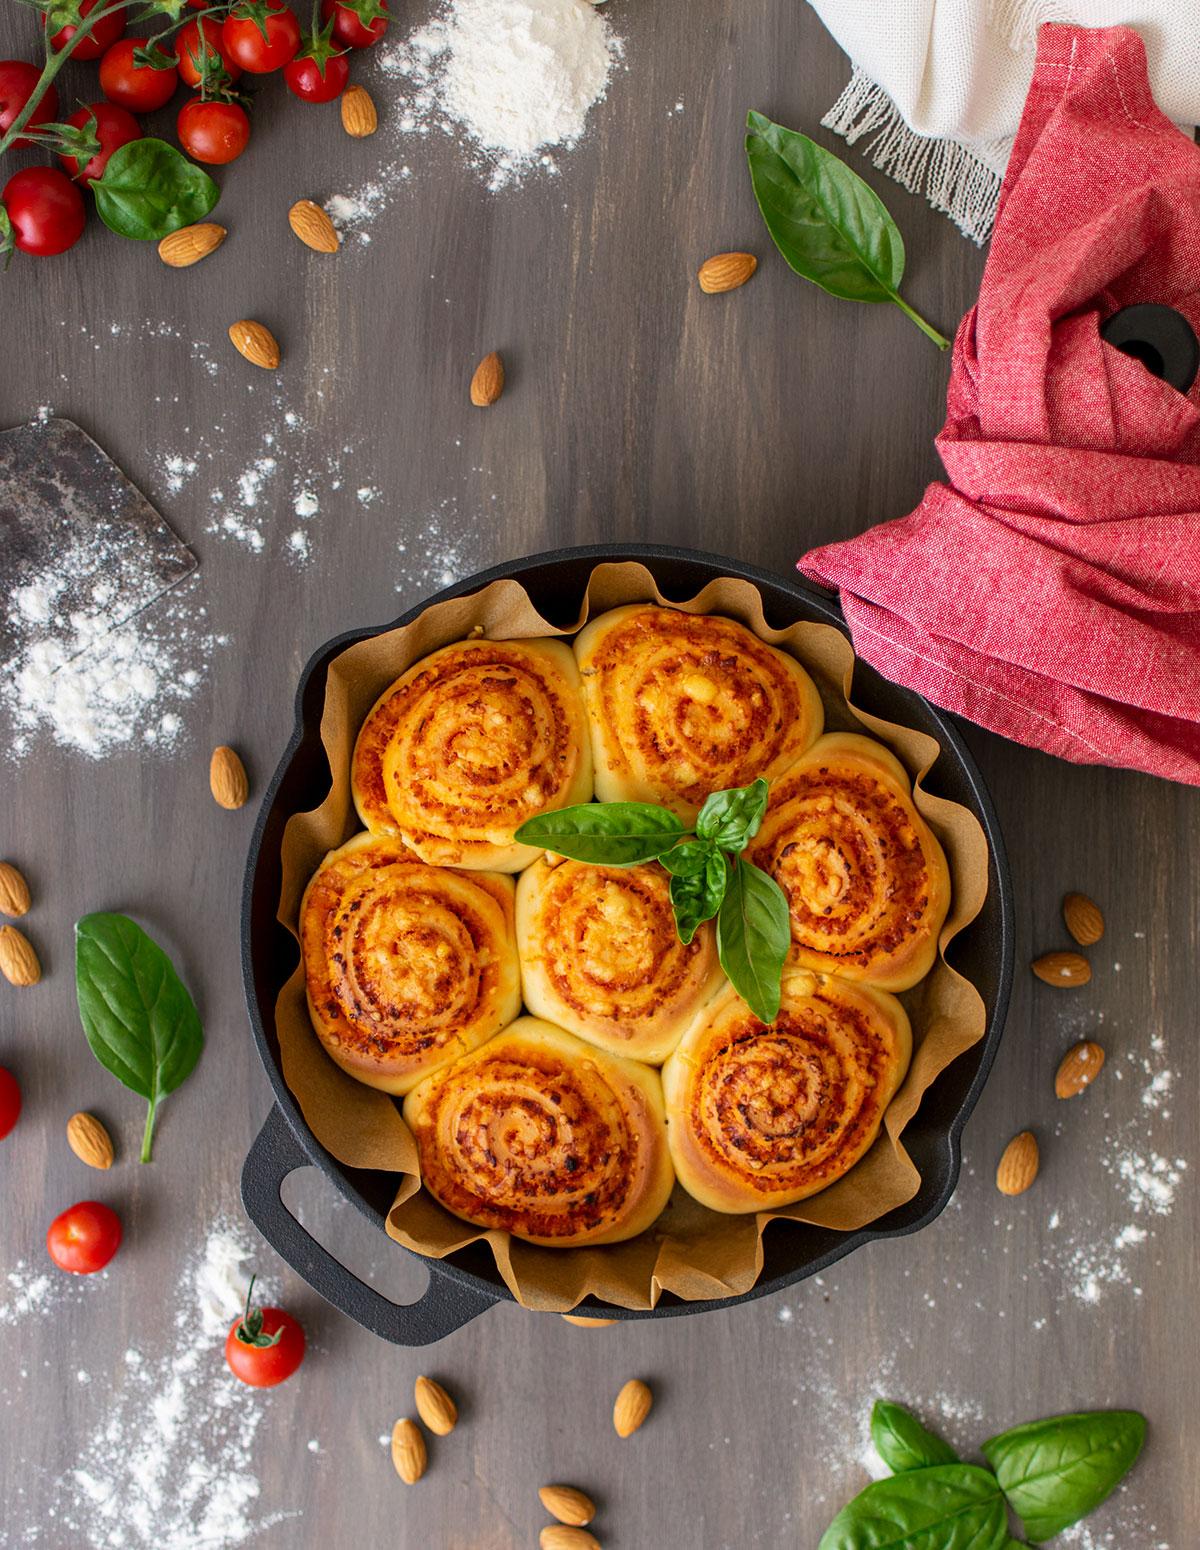 pizza_rolls_ricetta